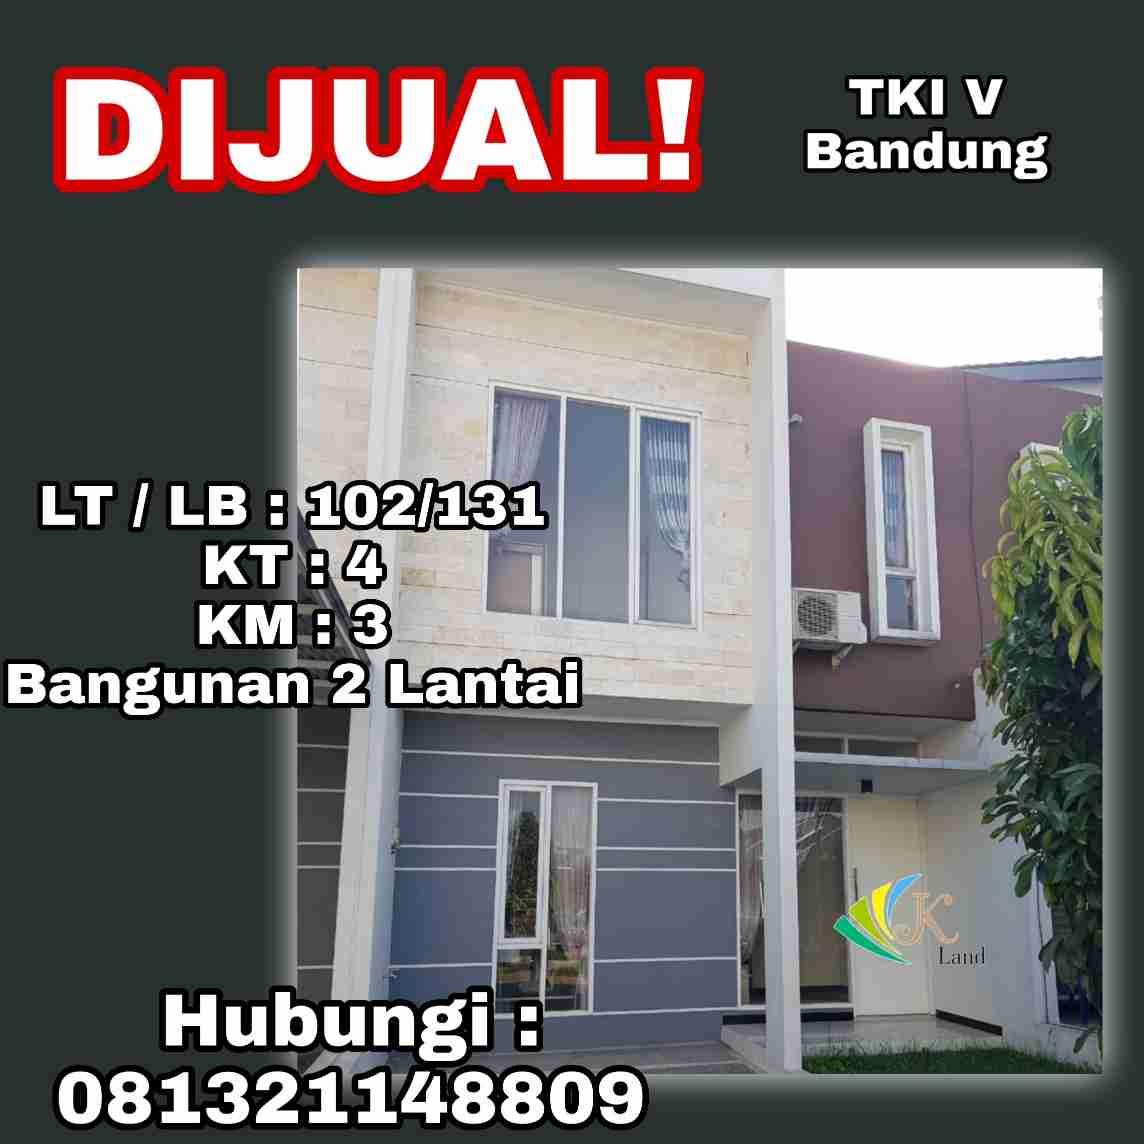 Dijual Rumah Taman Kopo Indah V Bandung